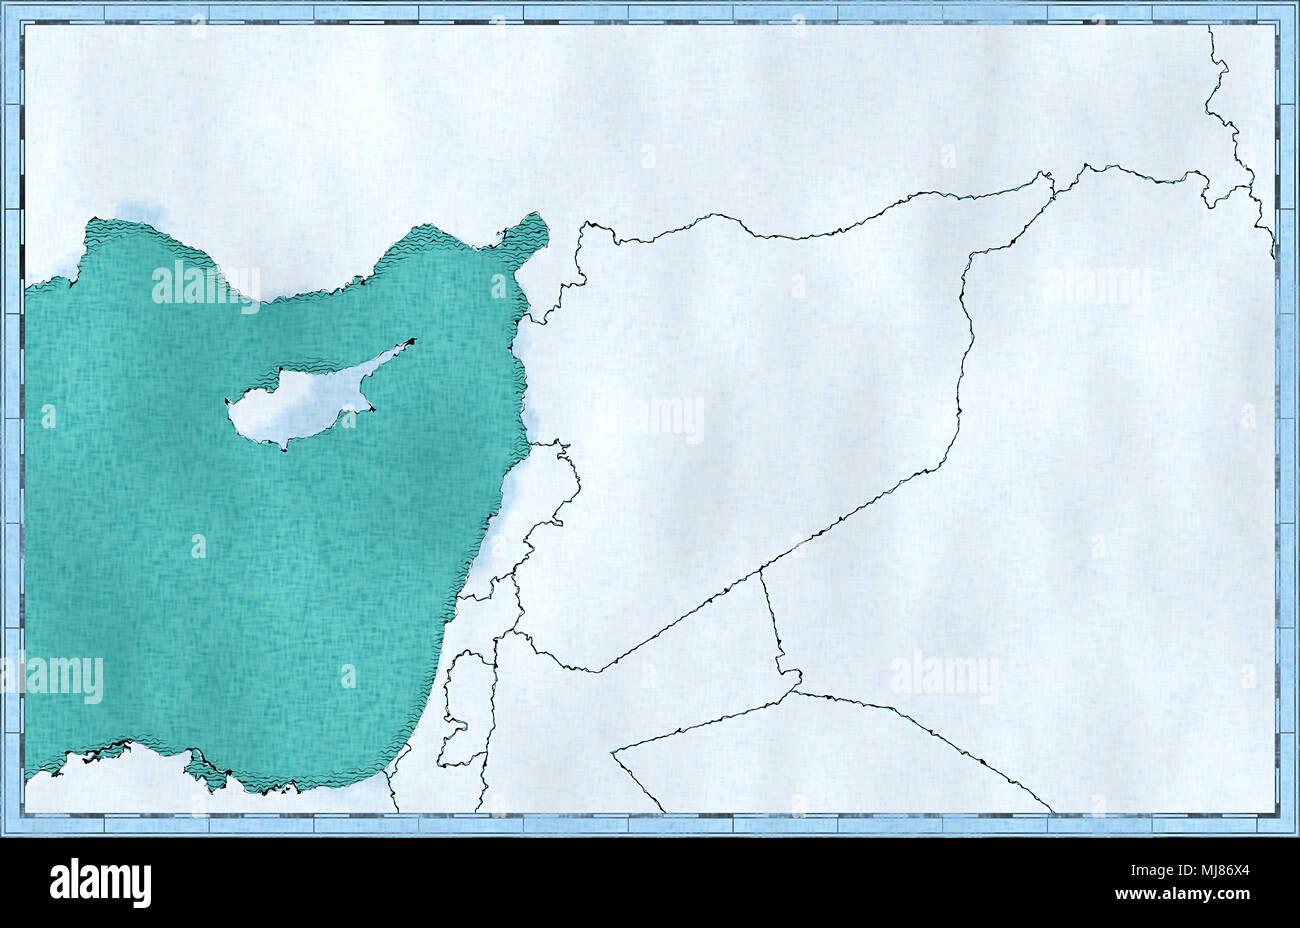 Arabian Peninsula Map Stock Photos Amp Arabian Peninsula Map